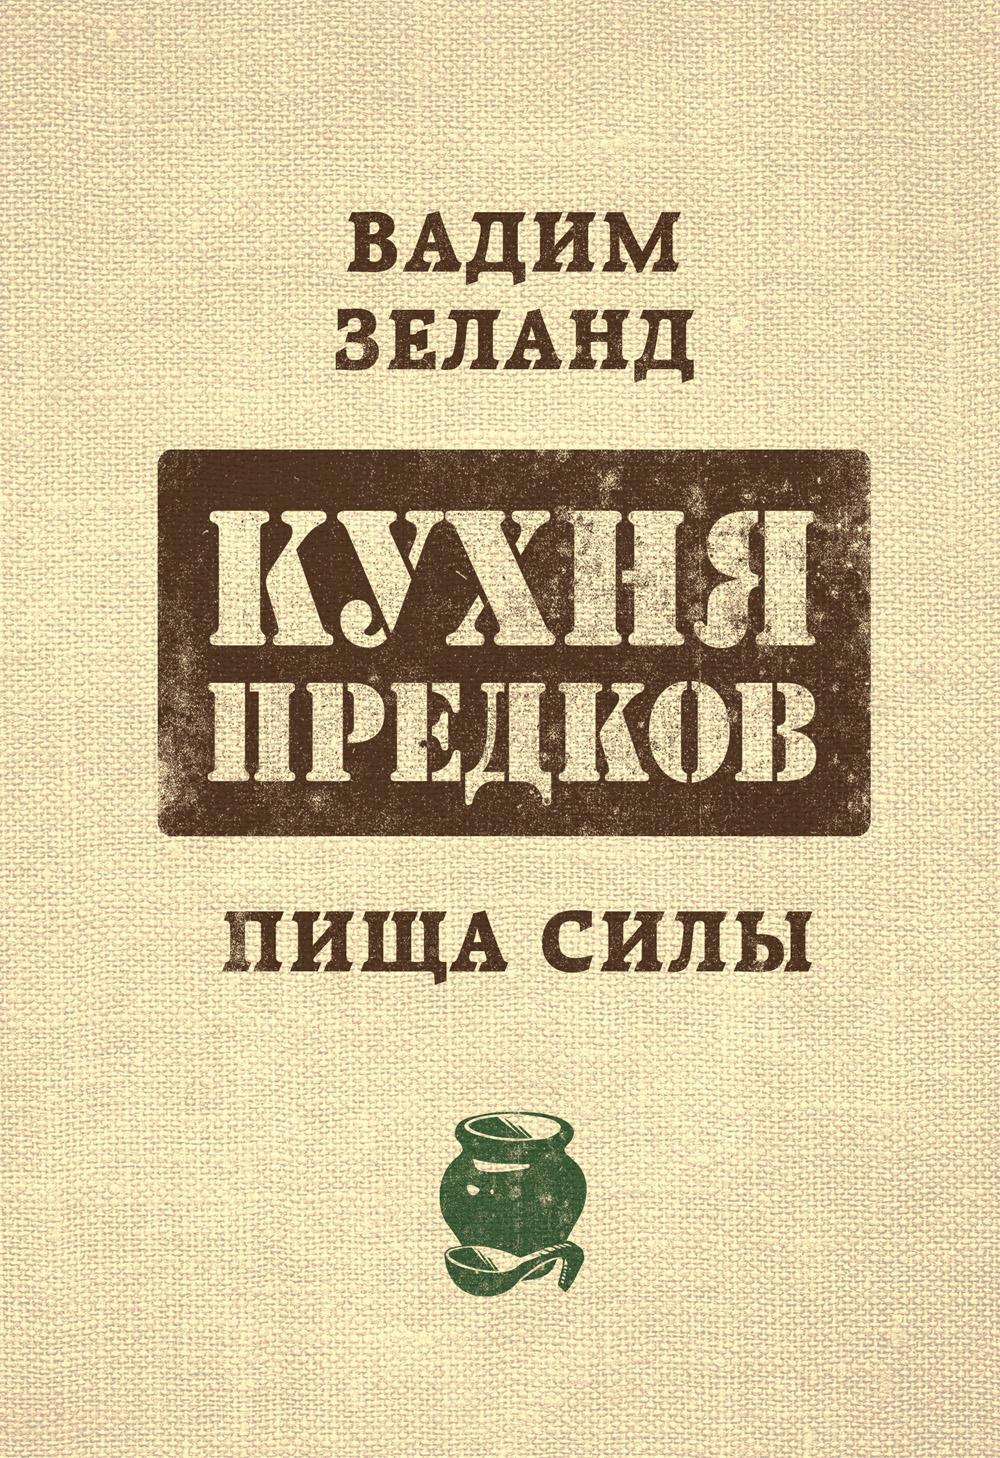 Кухня предков | Вадим Зеланд | Книга и аудиокнига